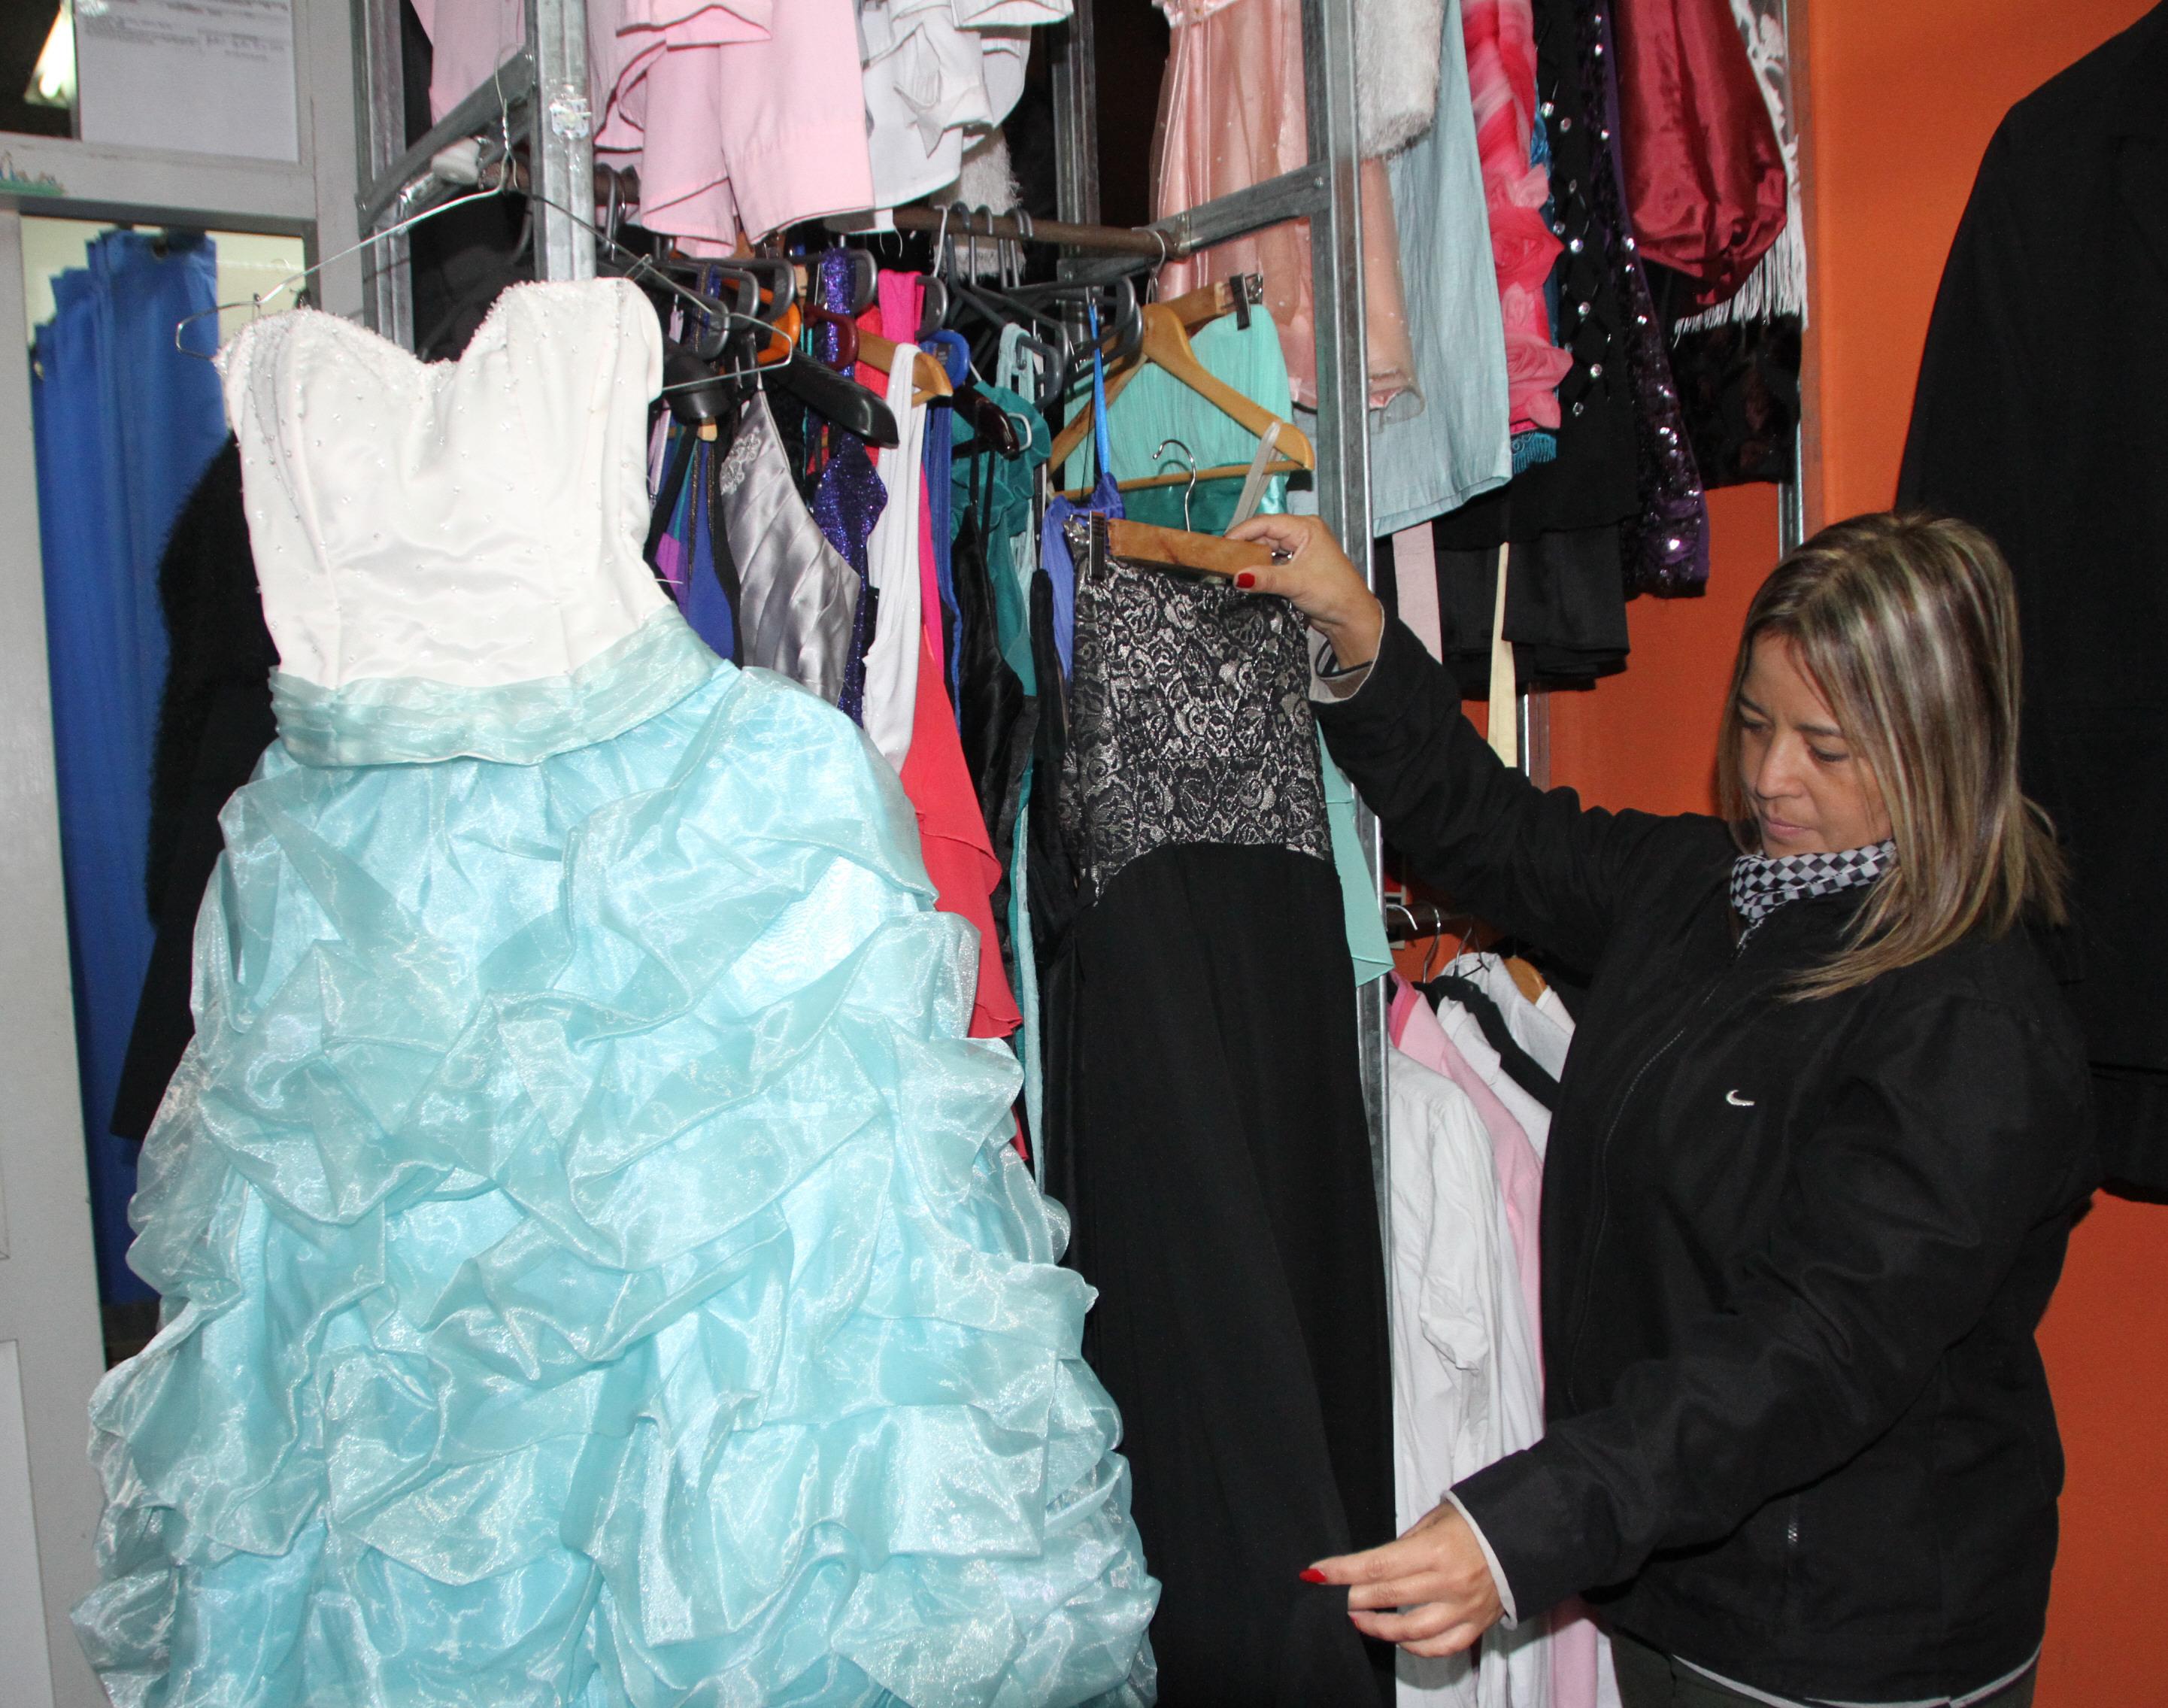 varios estilos online para la venta imágenes detalladas El negocio del alquiler de ropa para las fiestas aumentó un ...